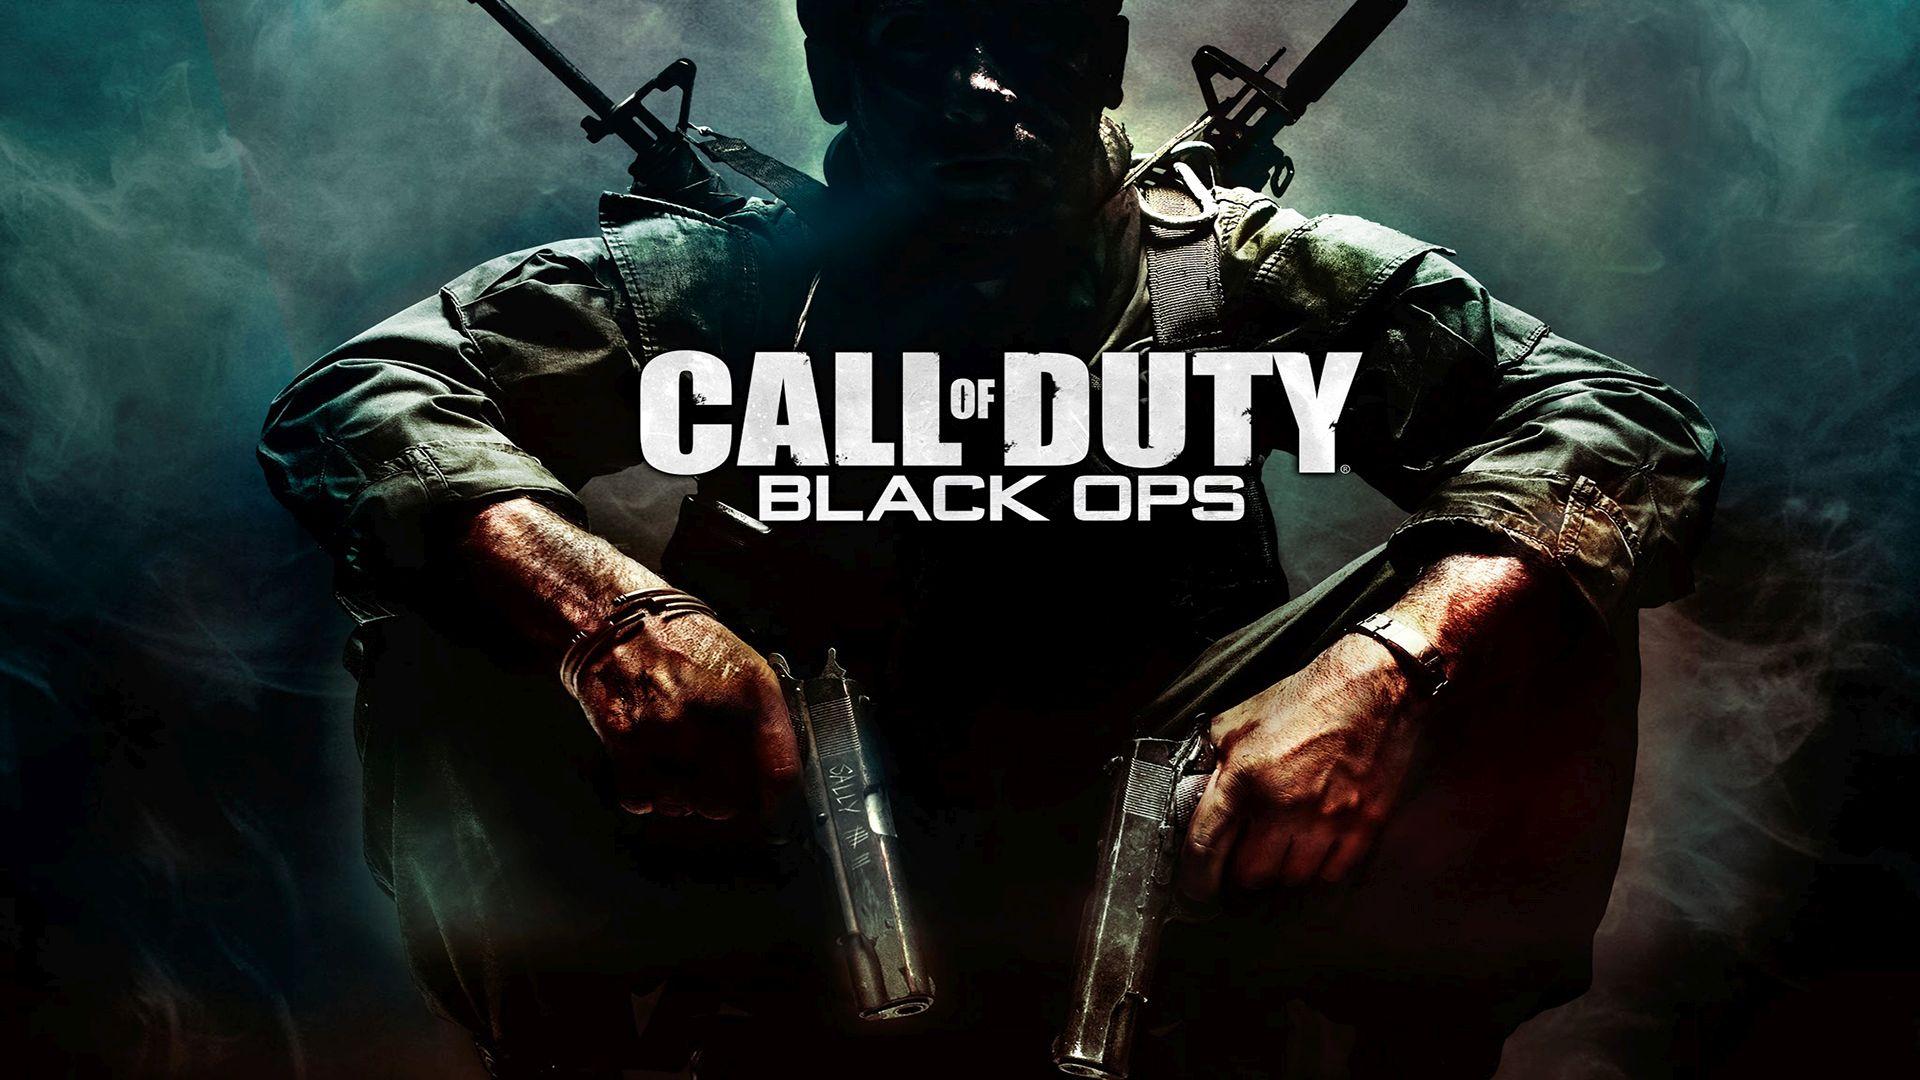 Ovogodišnji Call of Duty bi mogao biti Black Ops 4